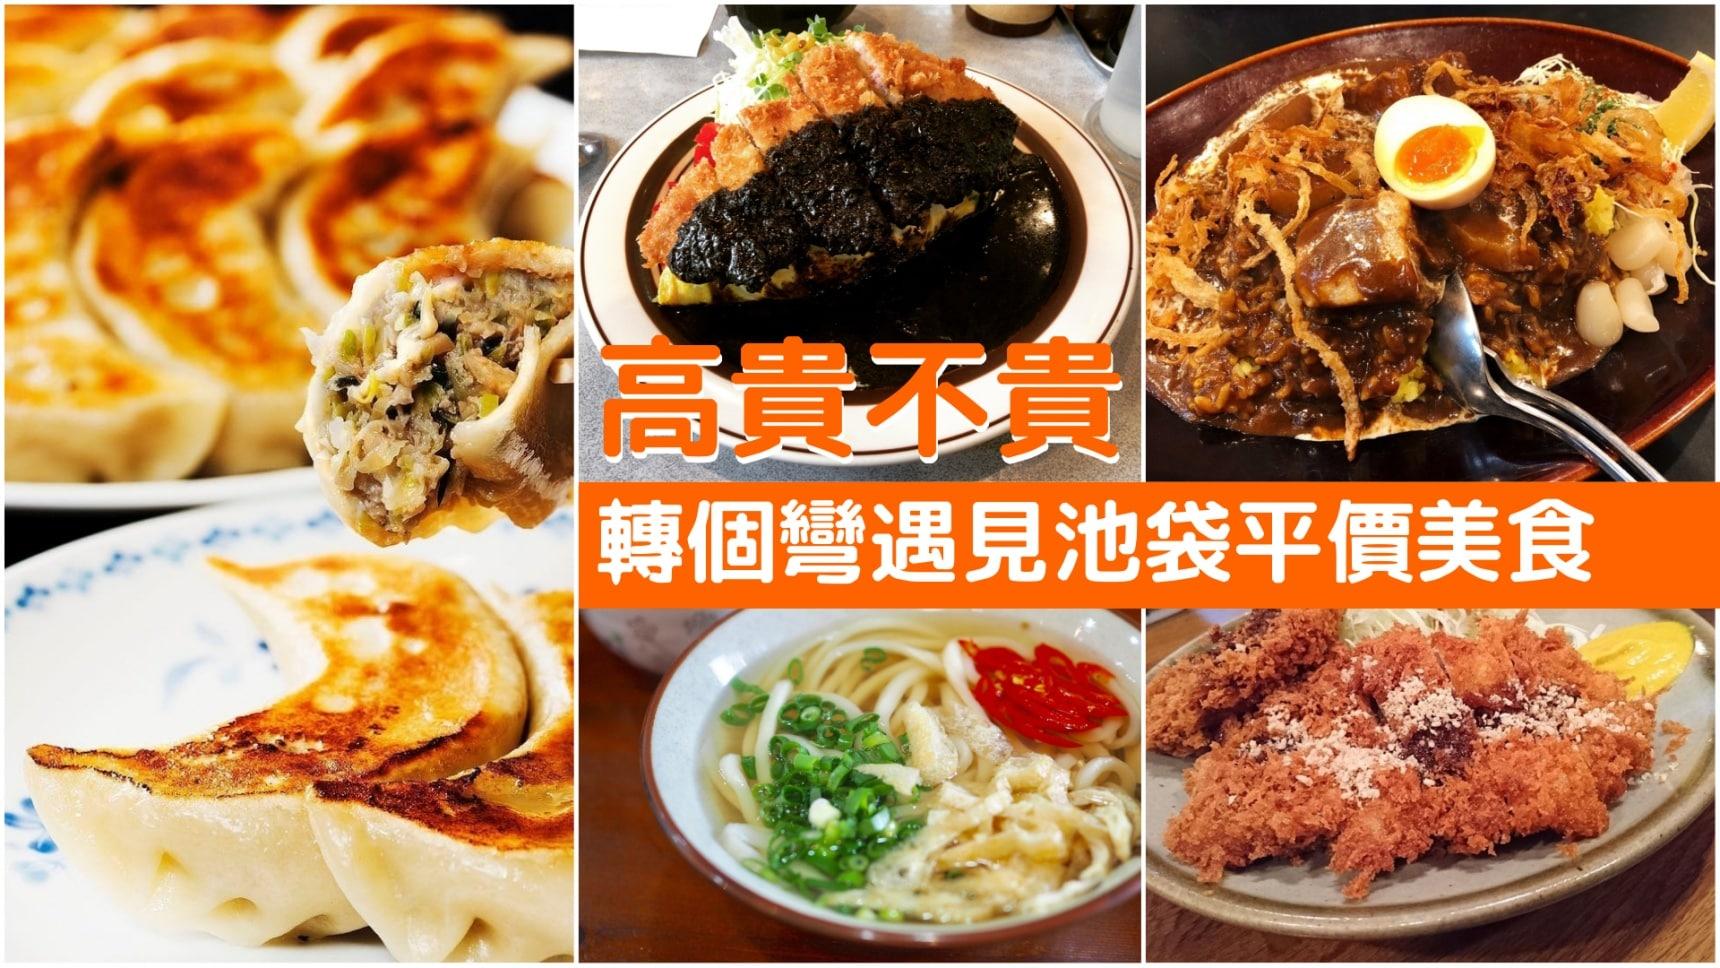 【東京美食】美味聰明吃!1,000日幣以內的高CP值池袋午餐推薦